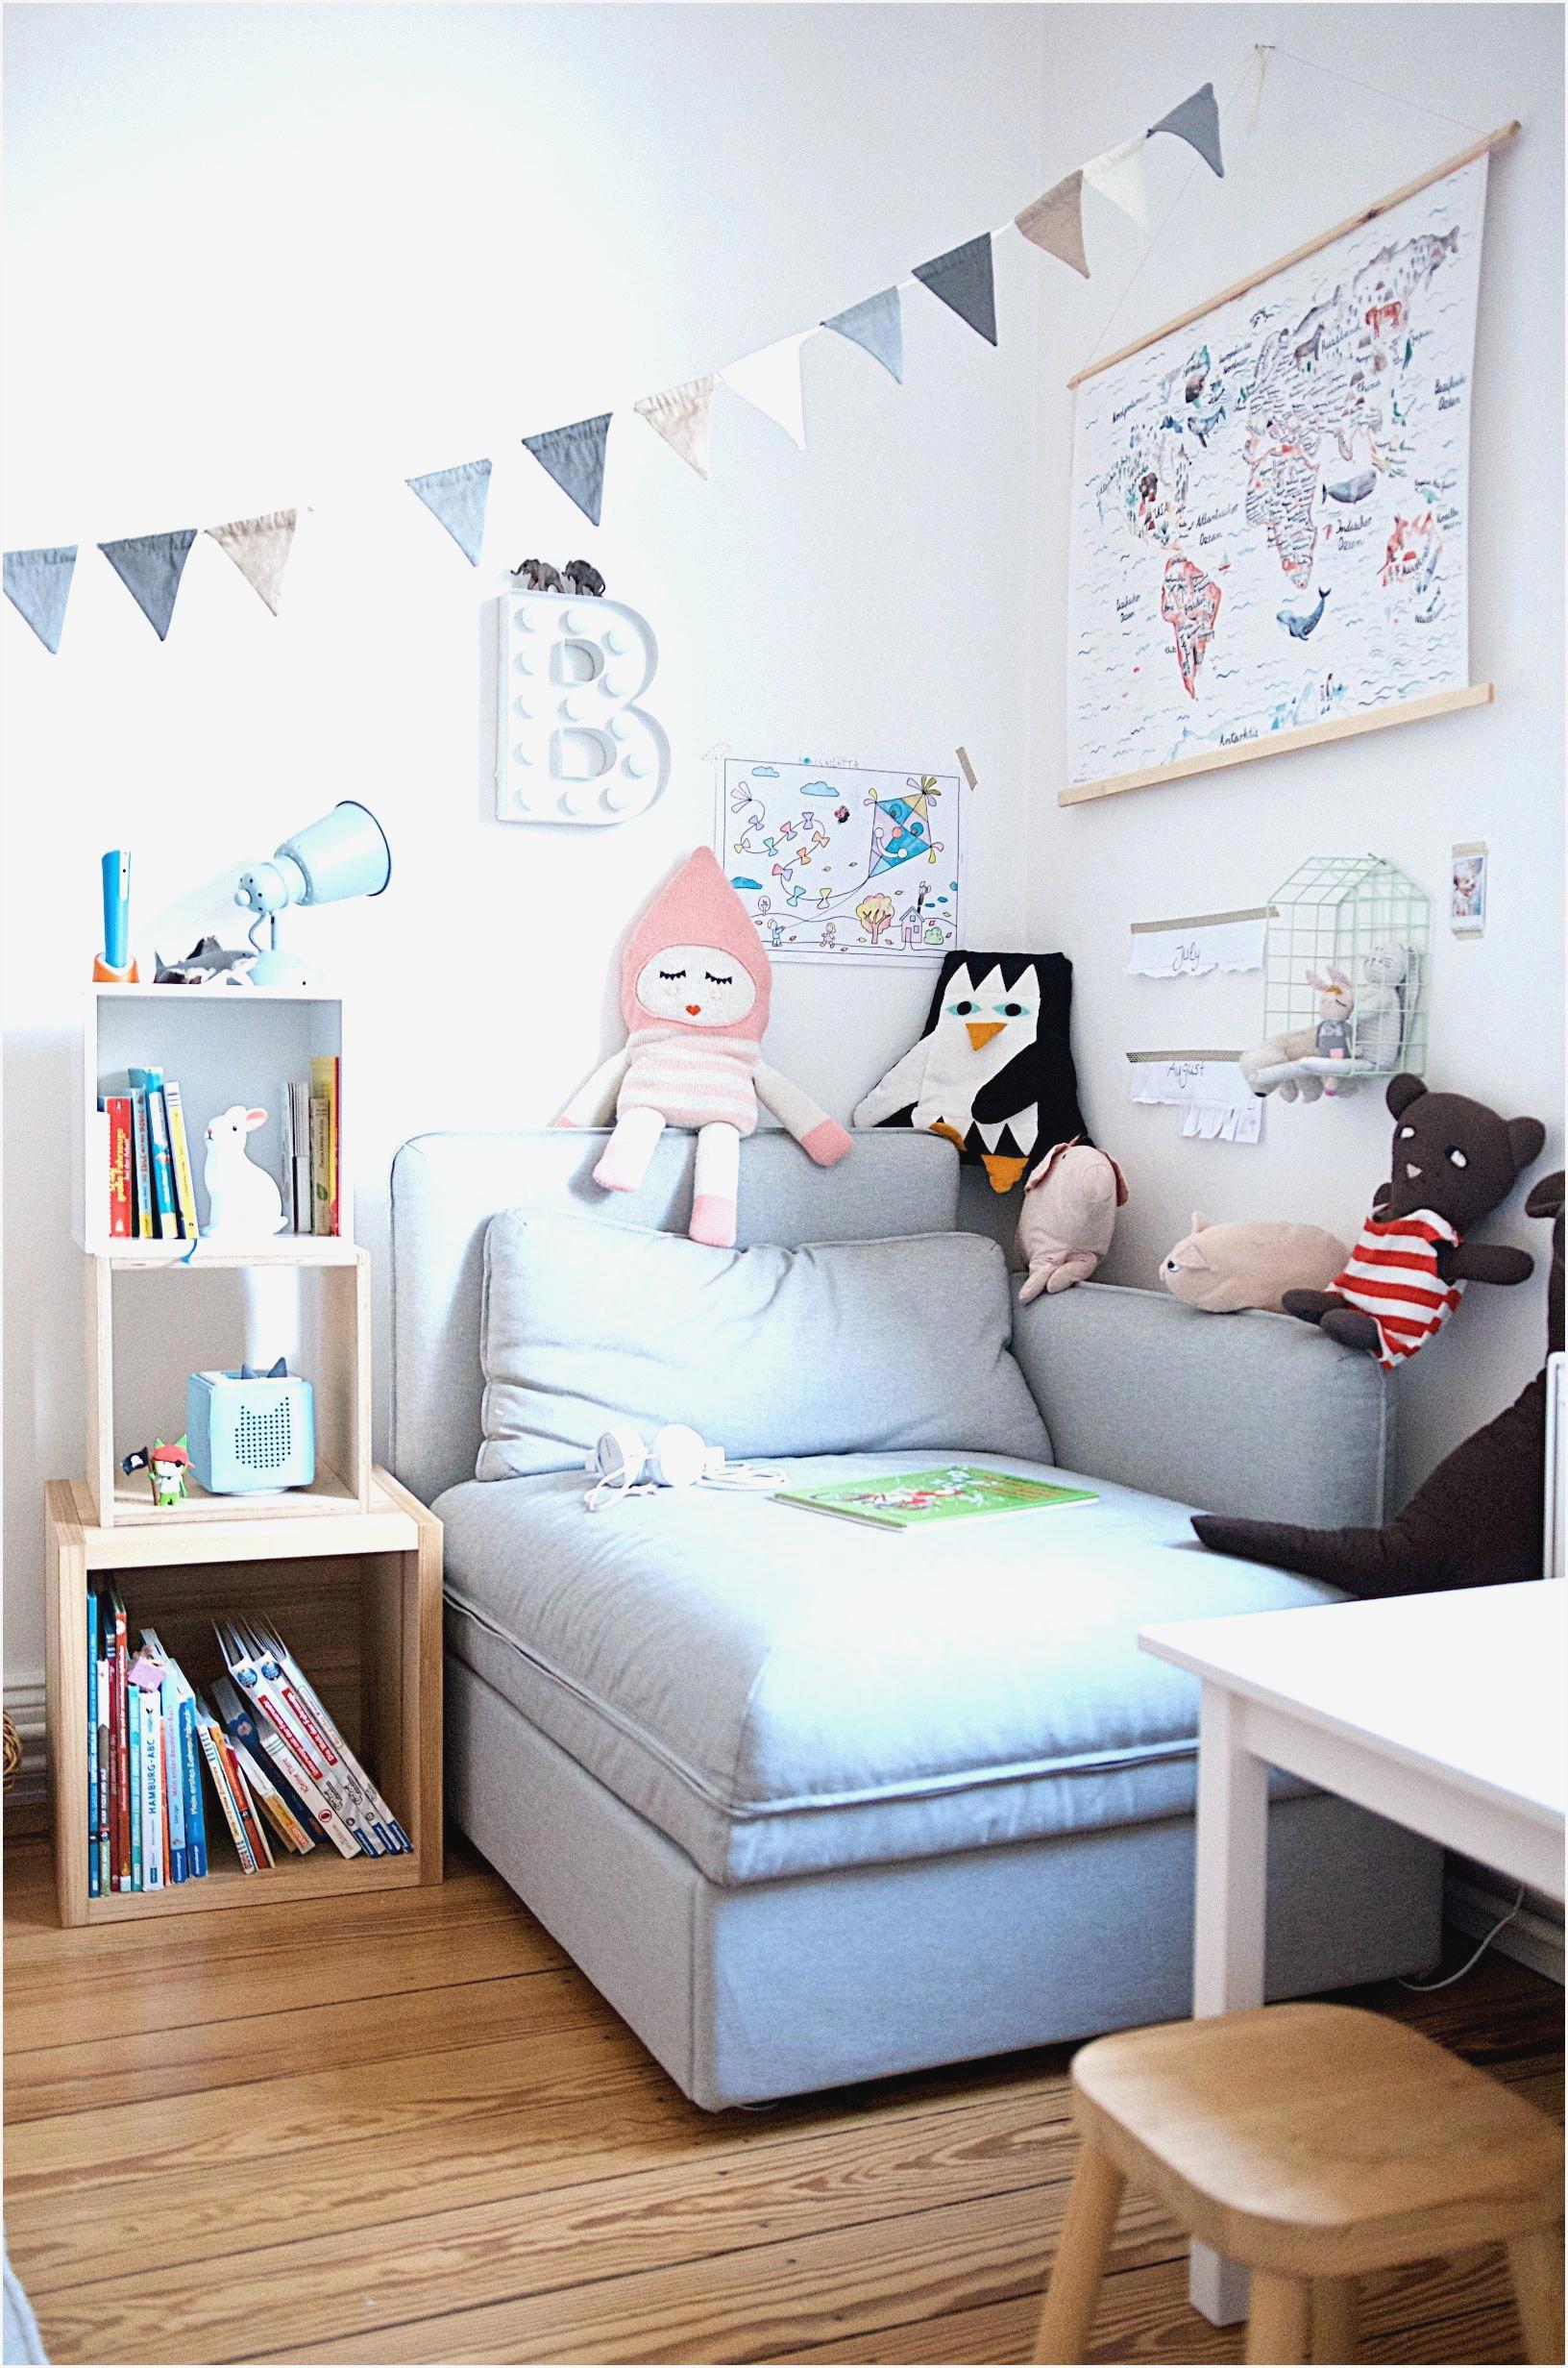 Full Size of Kinderzimmer Einrichten Junge 9 Jahre Traumhaus Kleine Küche Regale Badezimmer Regal Weiß Sofa Kinderzimmer Kinderzimmer Einrichten Junge